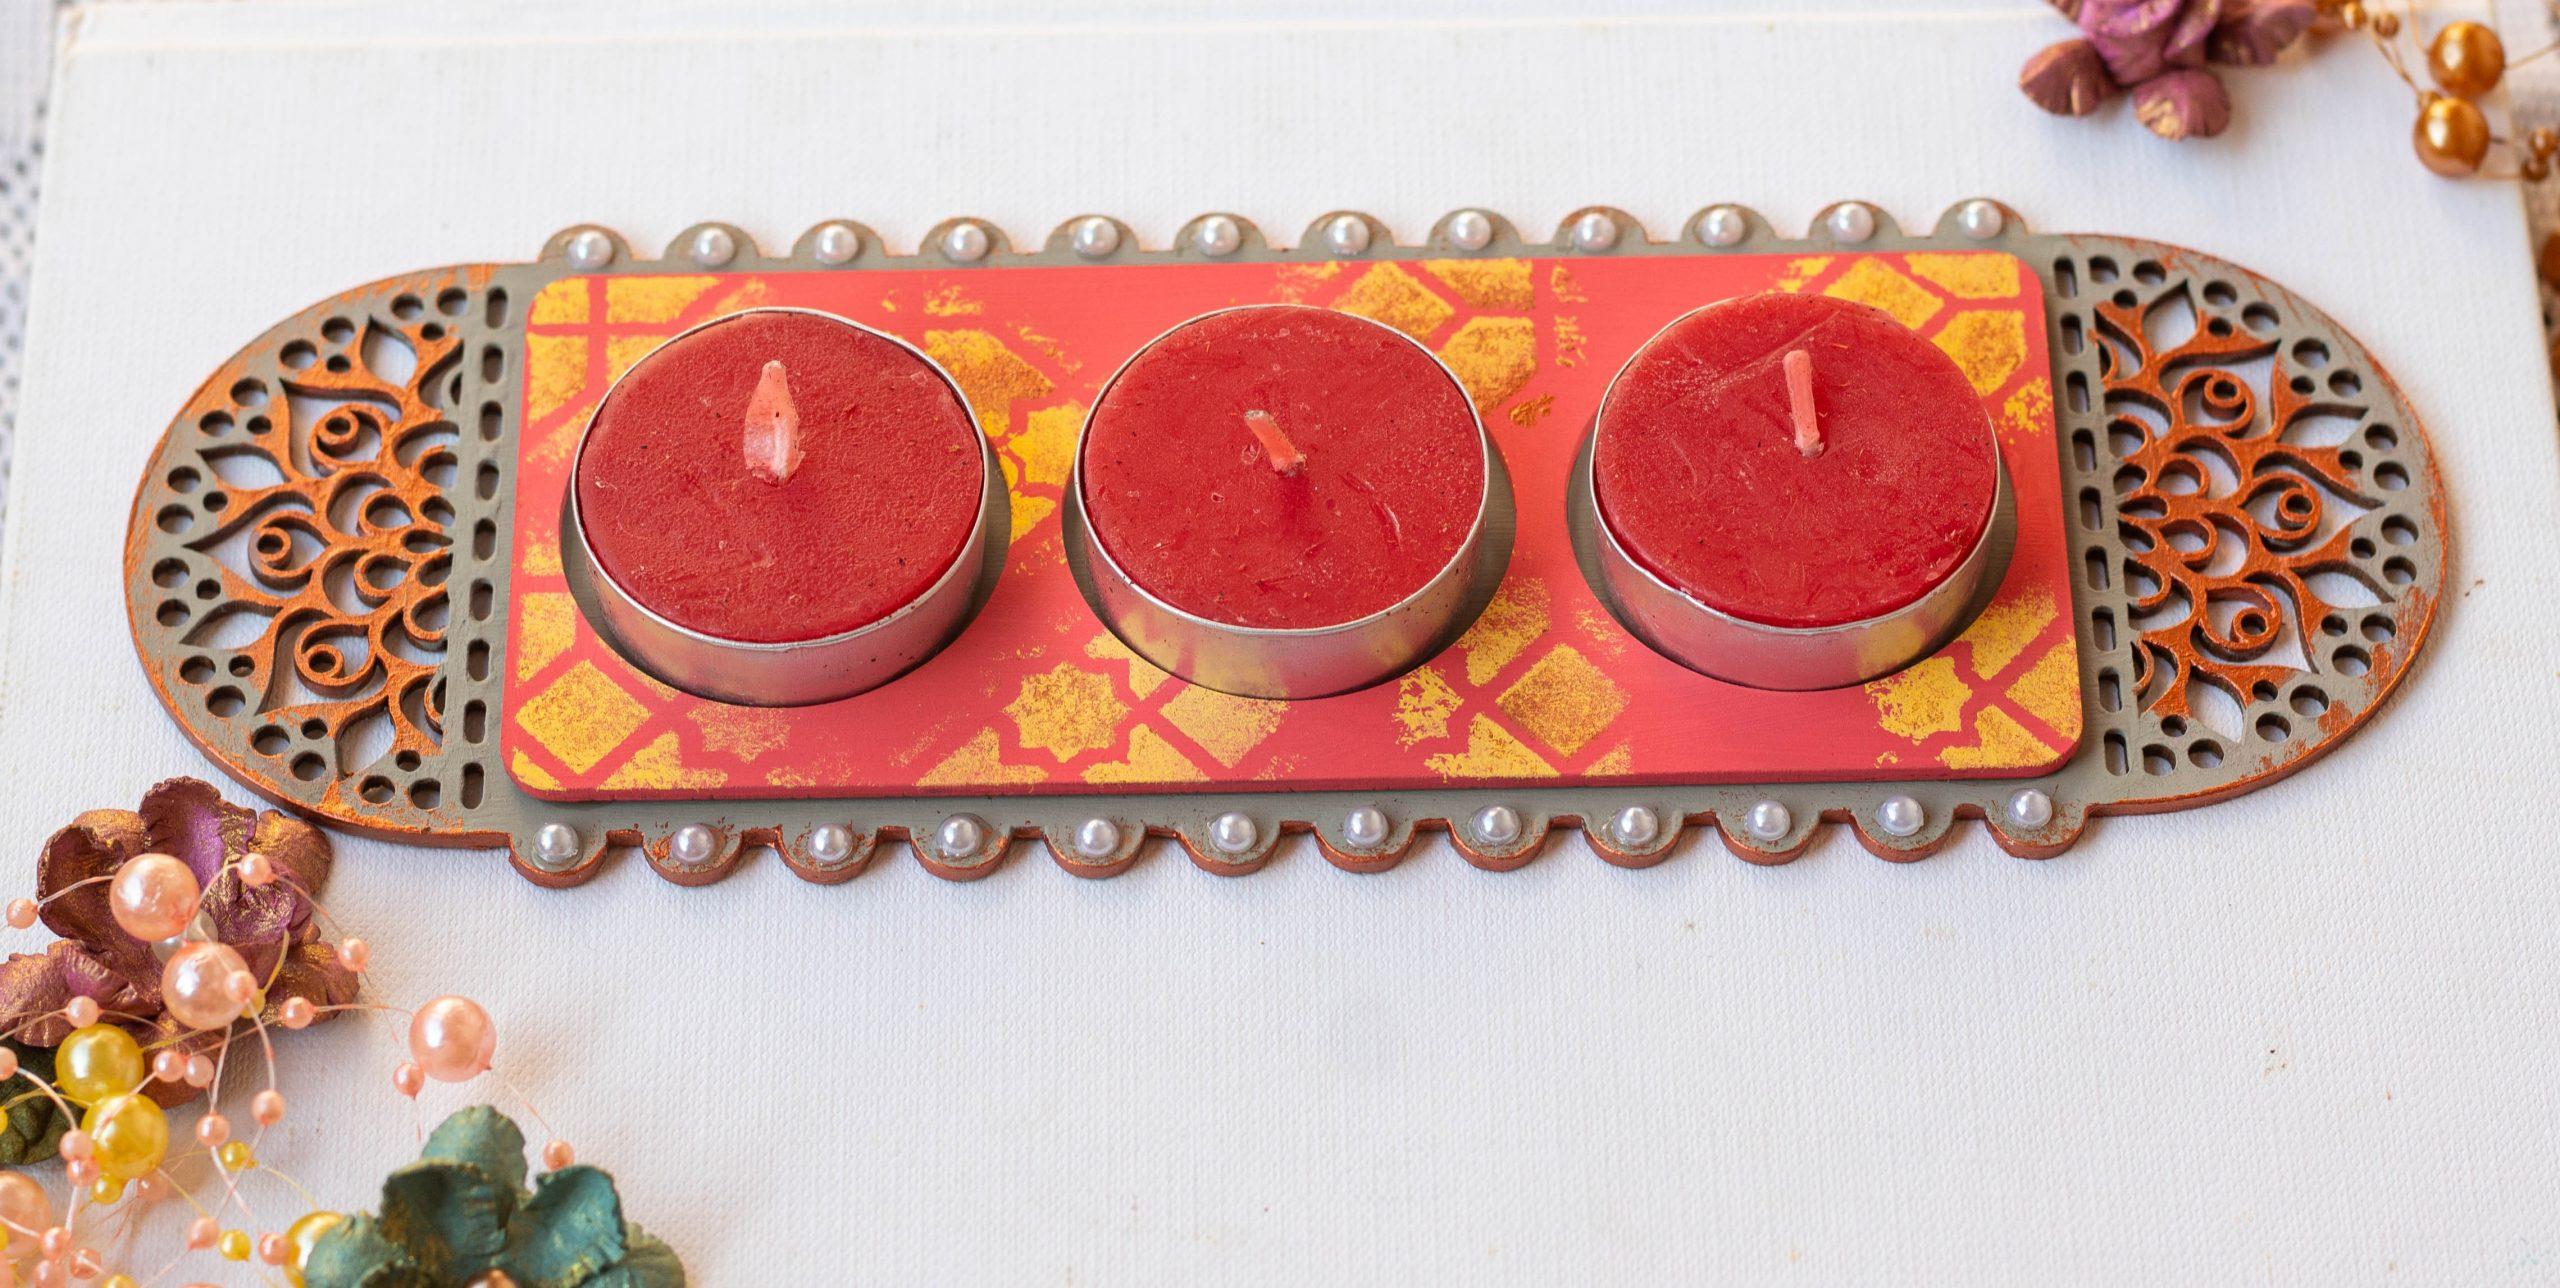 Decorative Tea Light Holders  Decorative Tea Light Holders